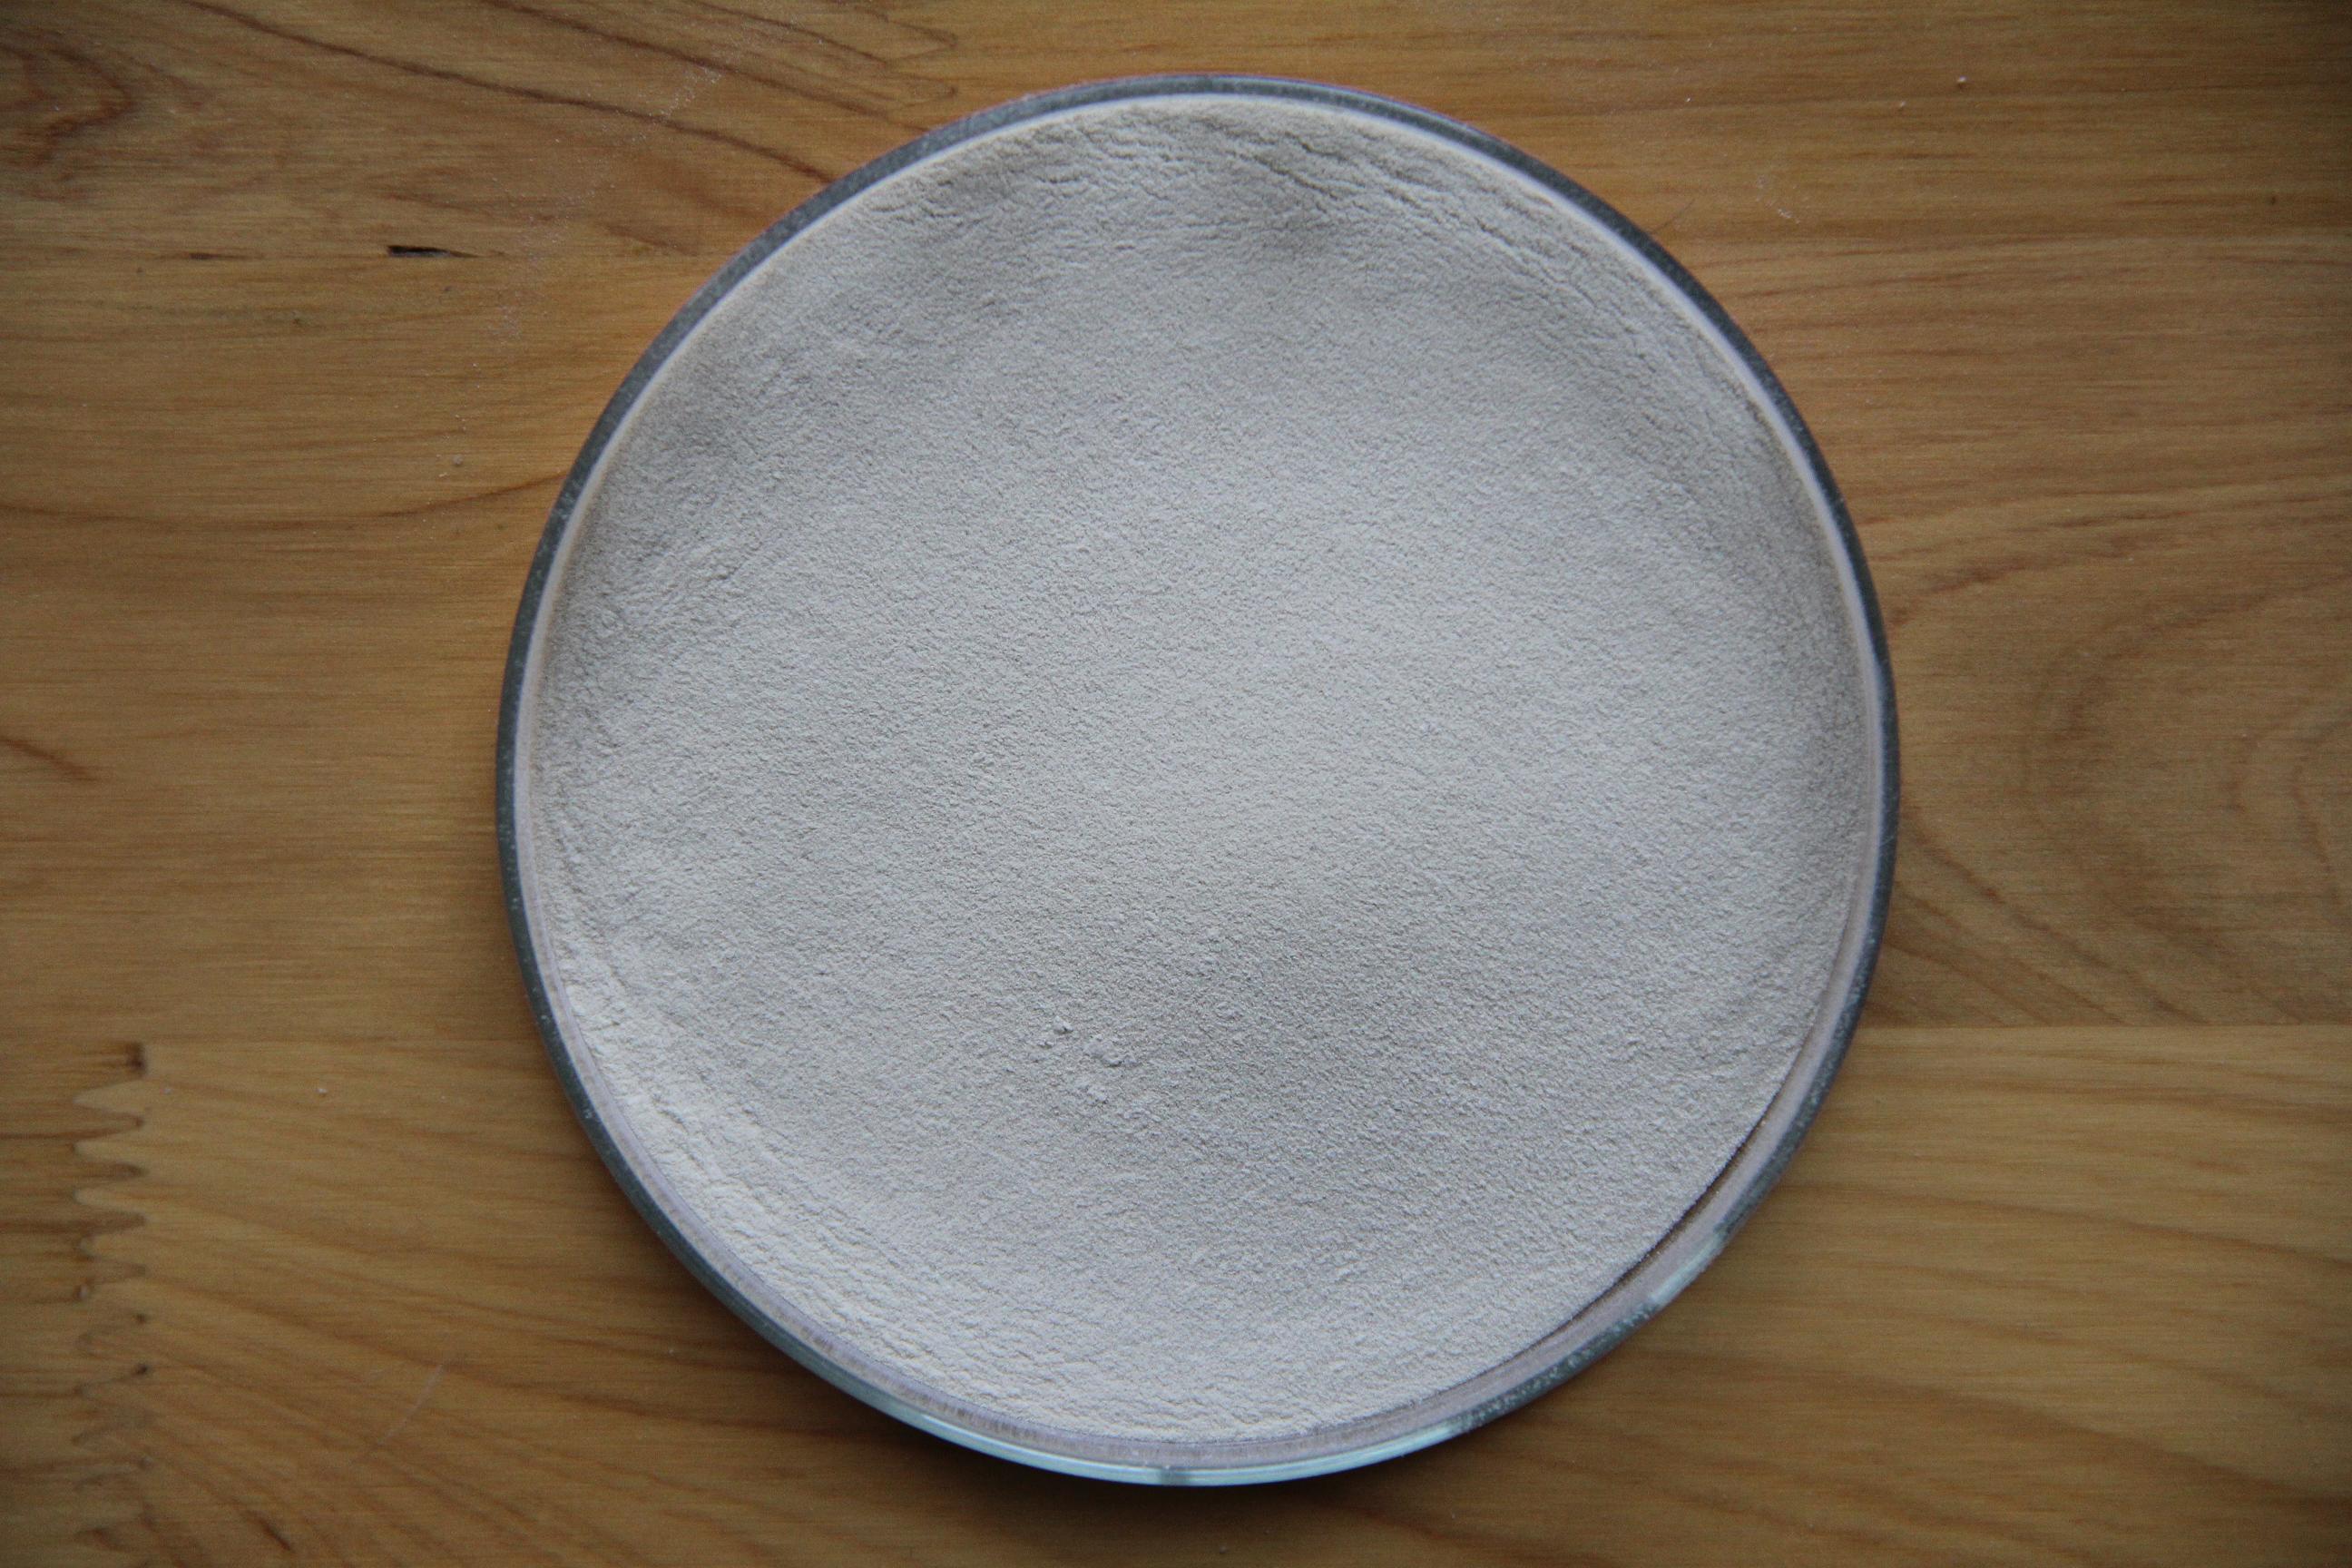 L- Cysteine HCL CAS No. 52-89-1